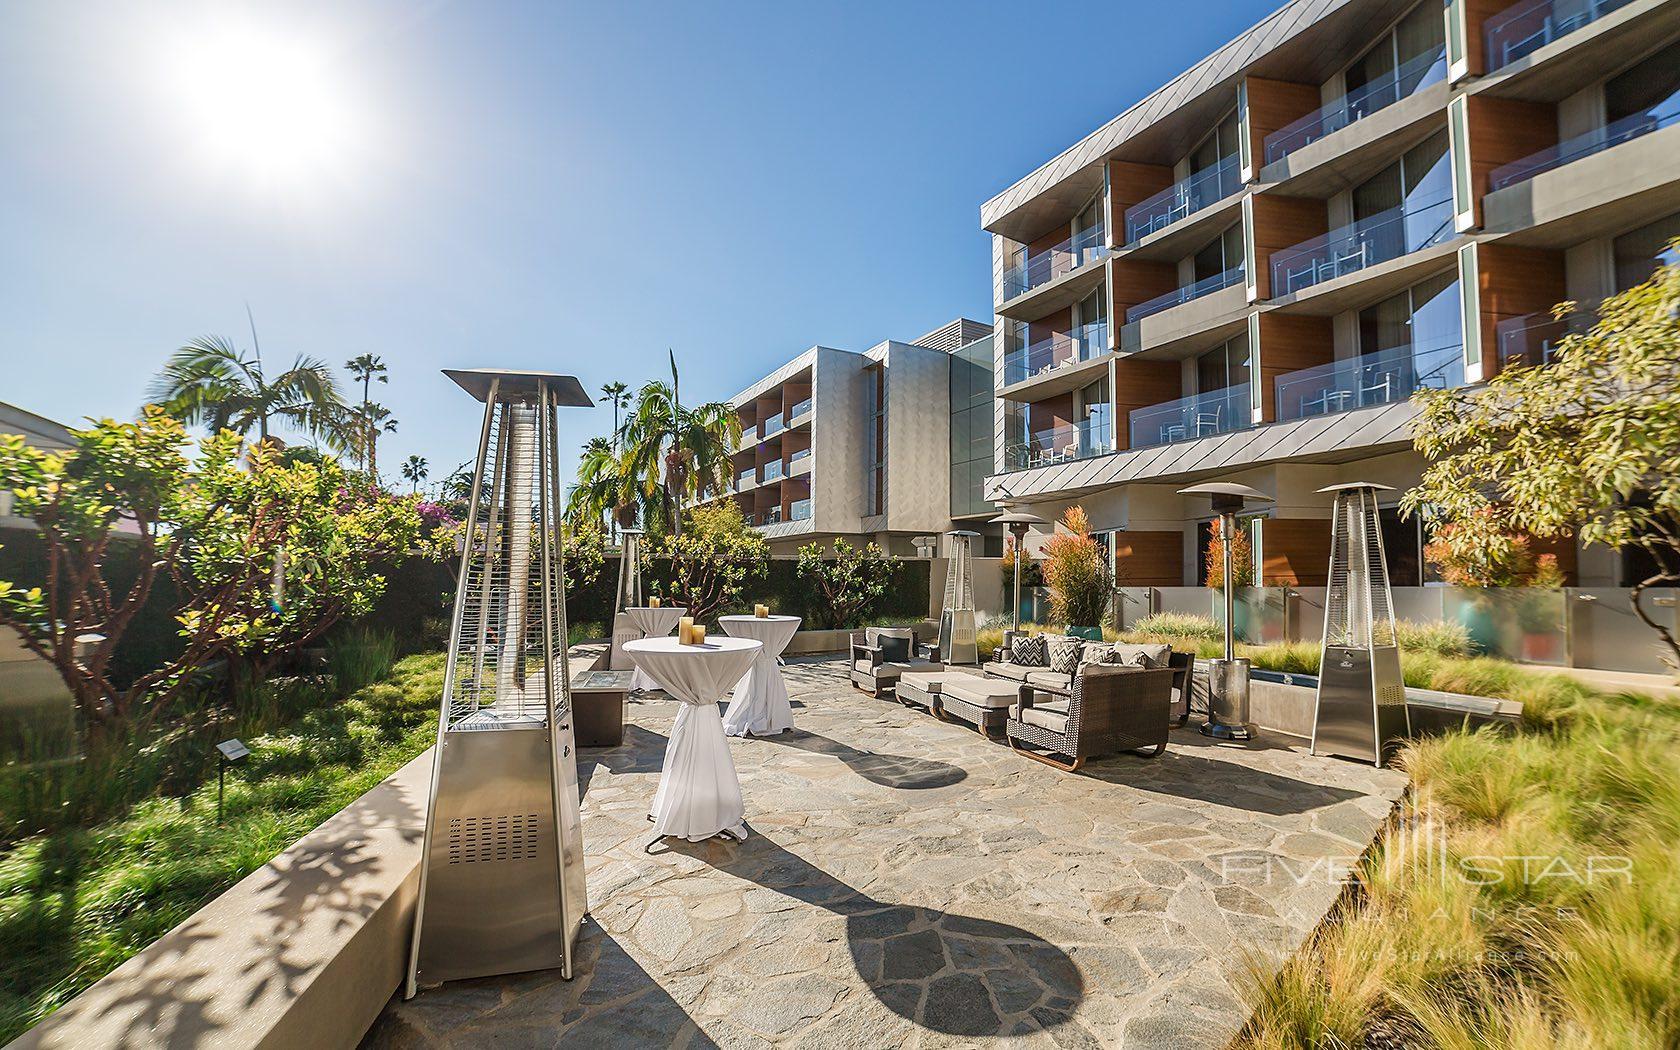 Shore Hotel Santa Monica, United States